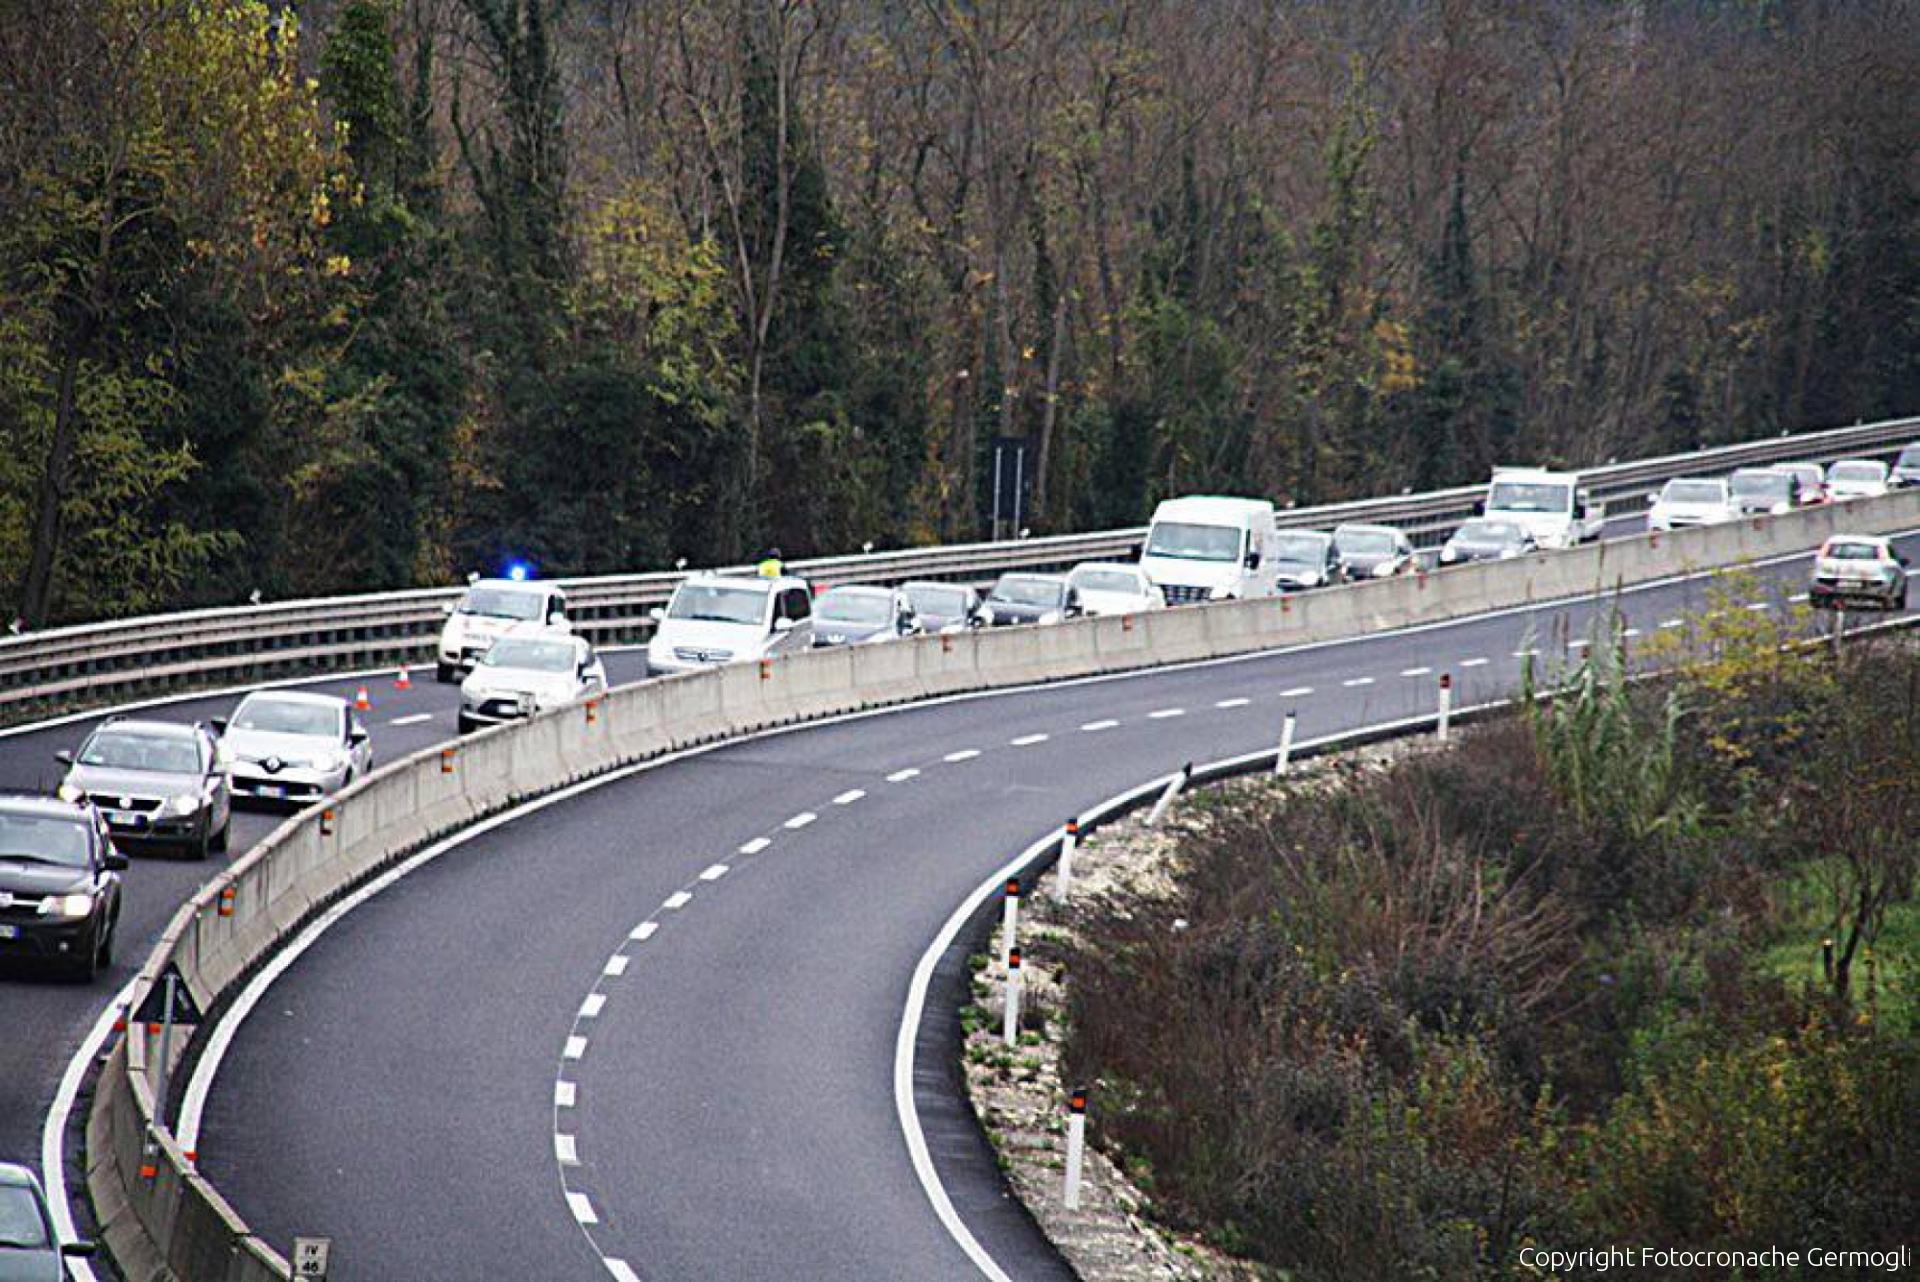 Incidente choc in circonvallazione: morto 32enne in scooter